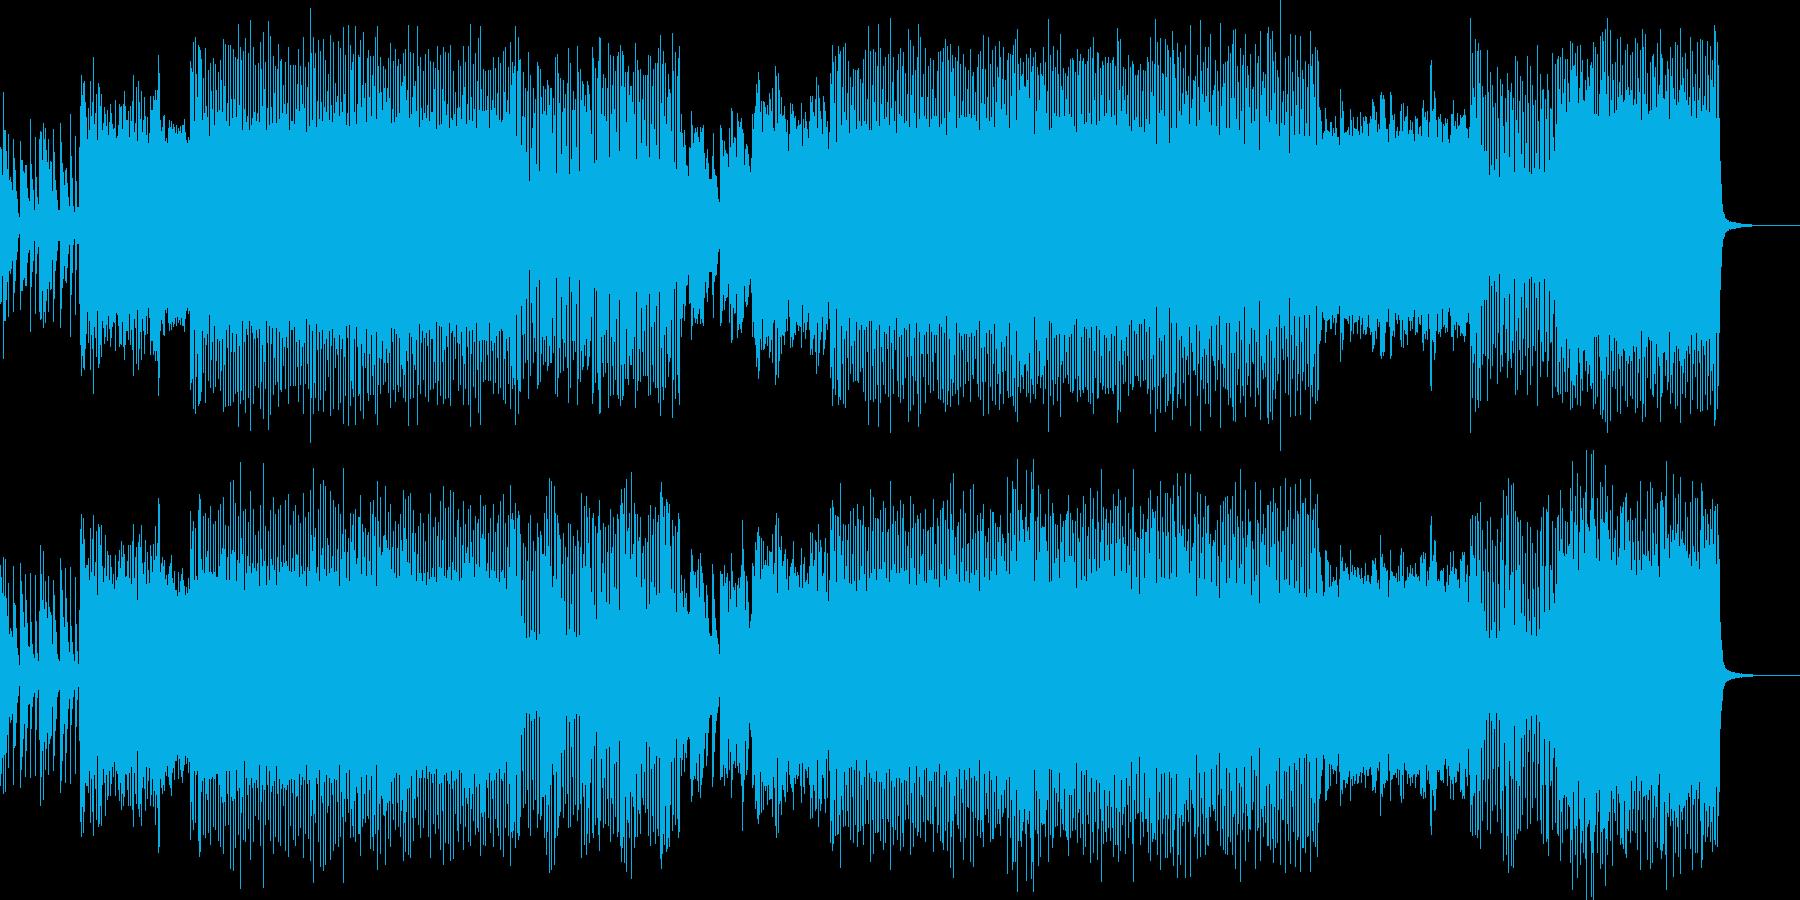 楽しく飛び回るようなエレクトロニカの再生済みの波形